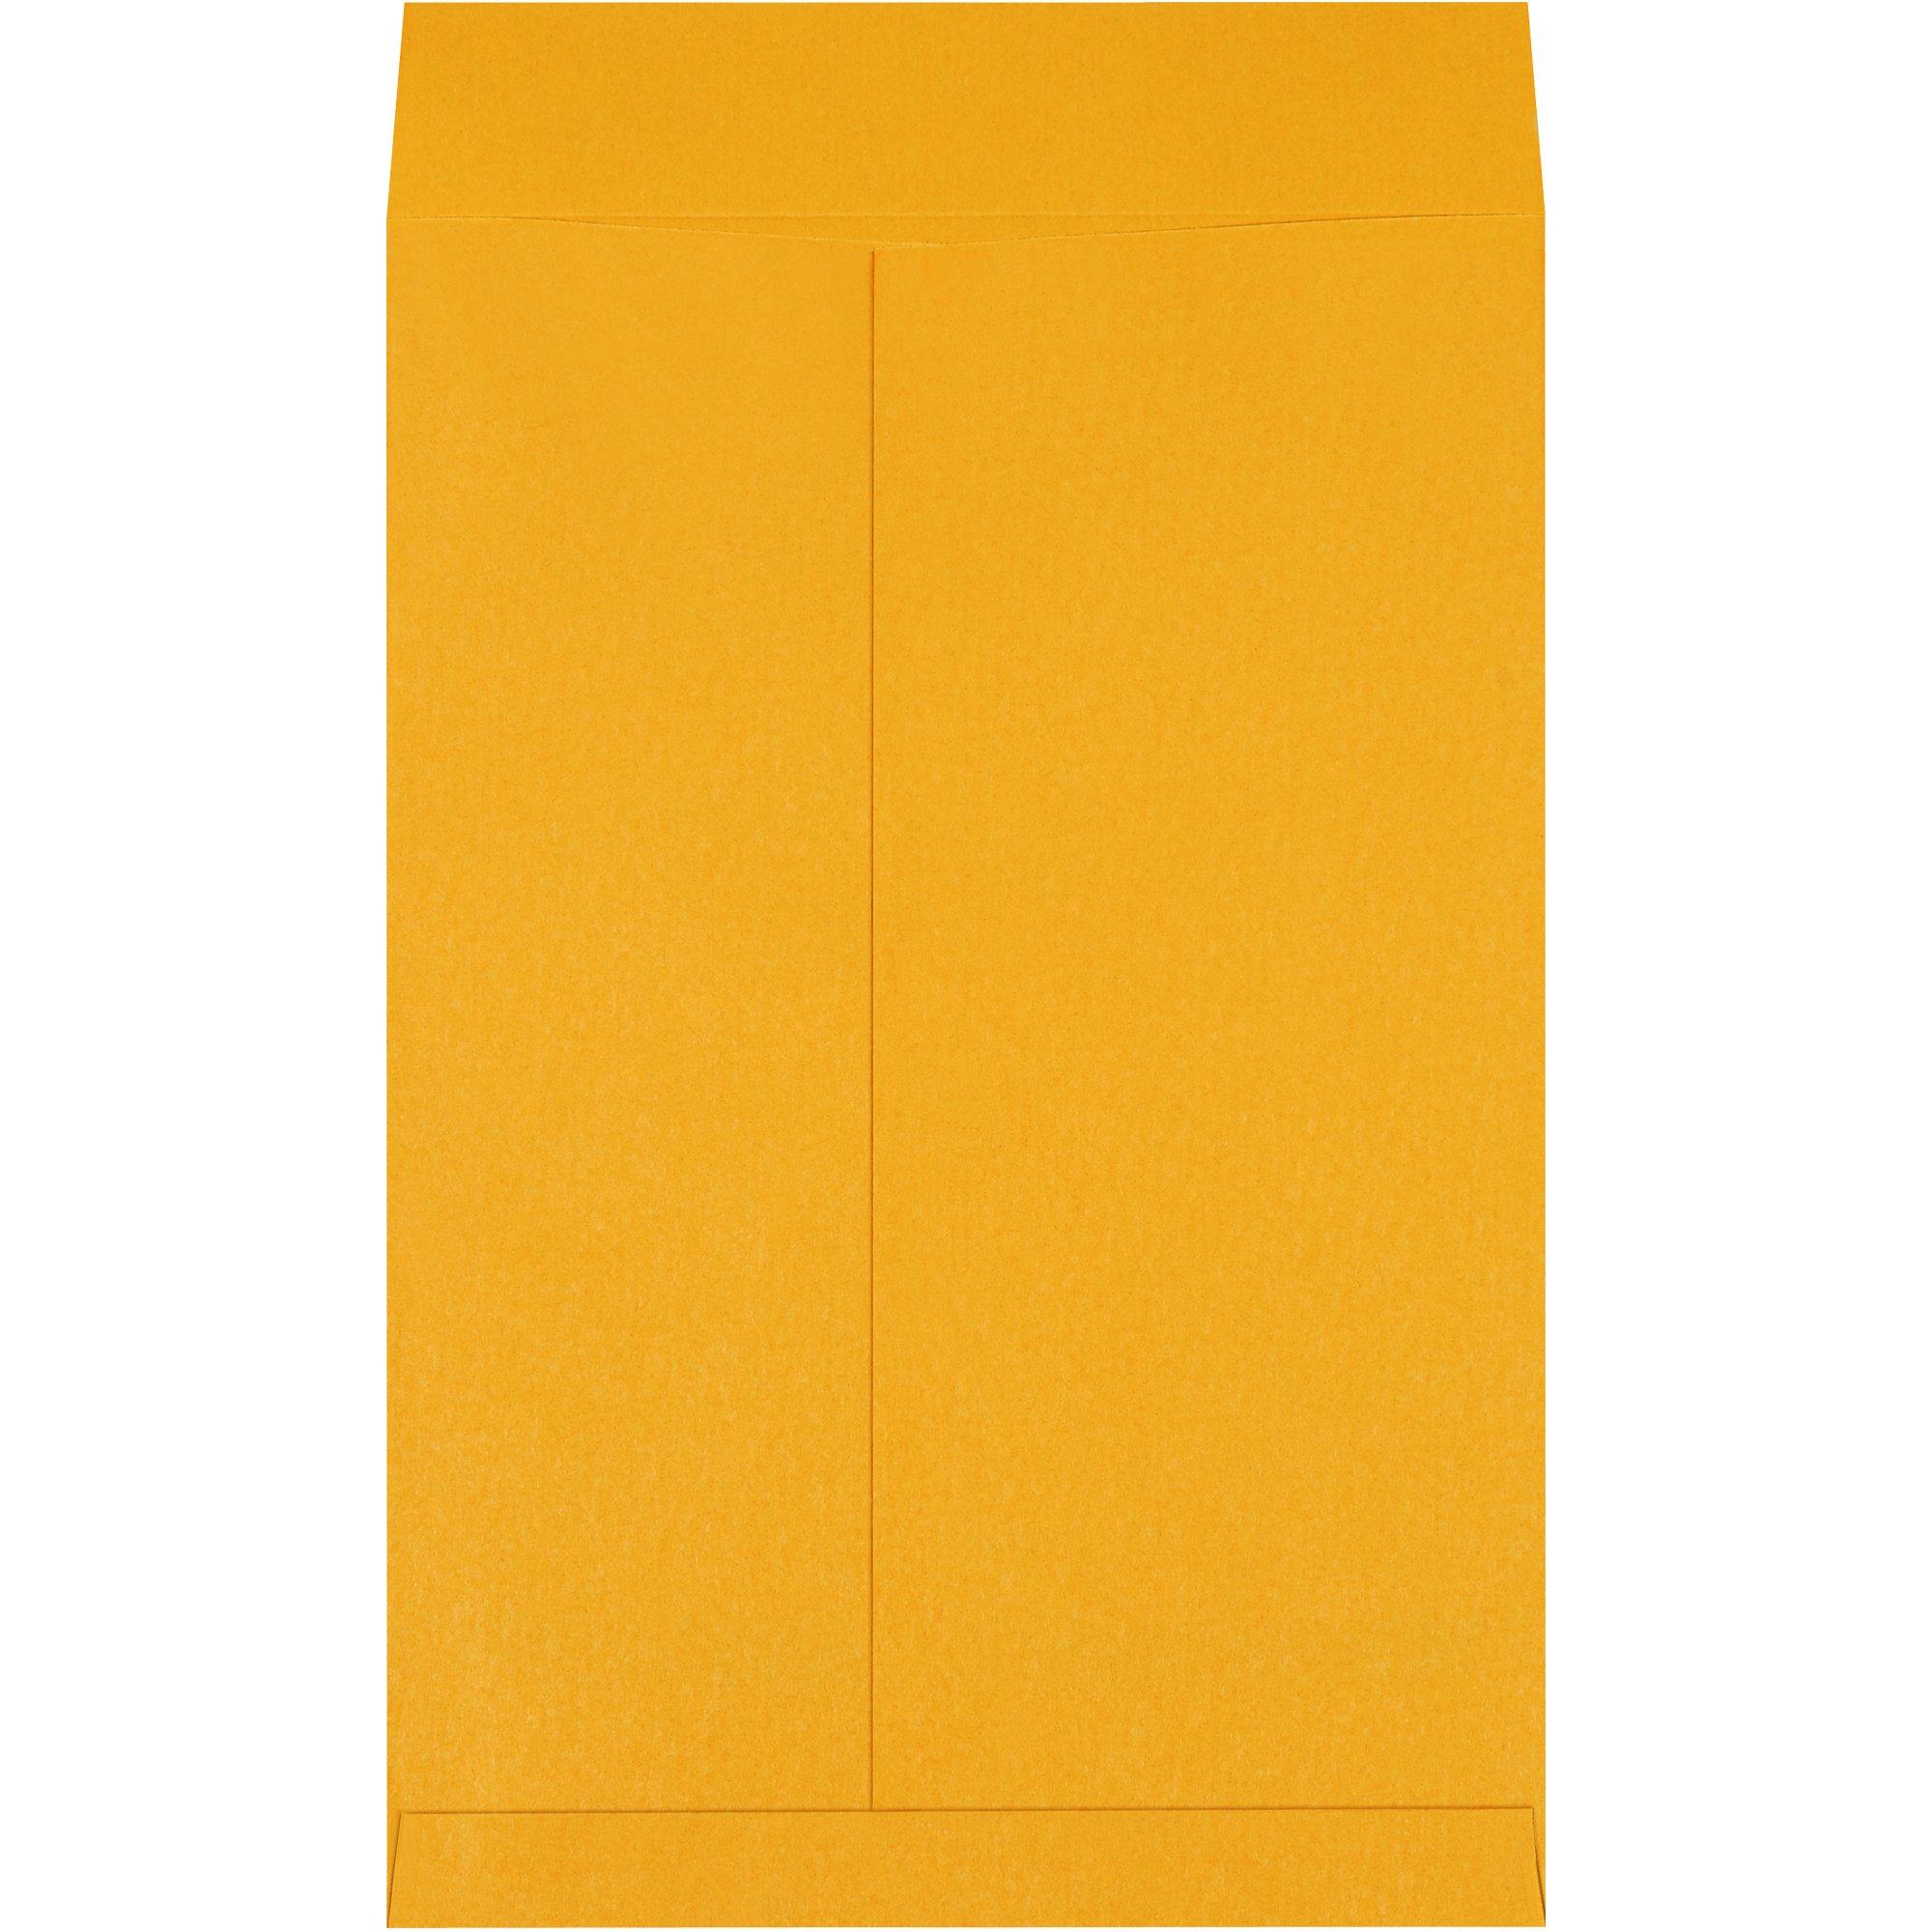 Jumbo Envelopes, 12 1/2'' x 18 1/2'', 12.5'' Width, 18.5'' Length